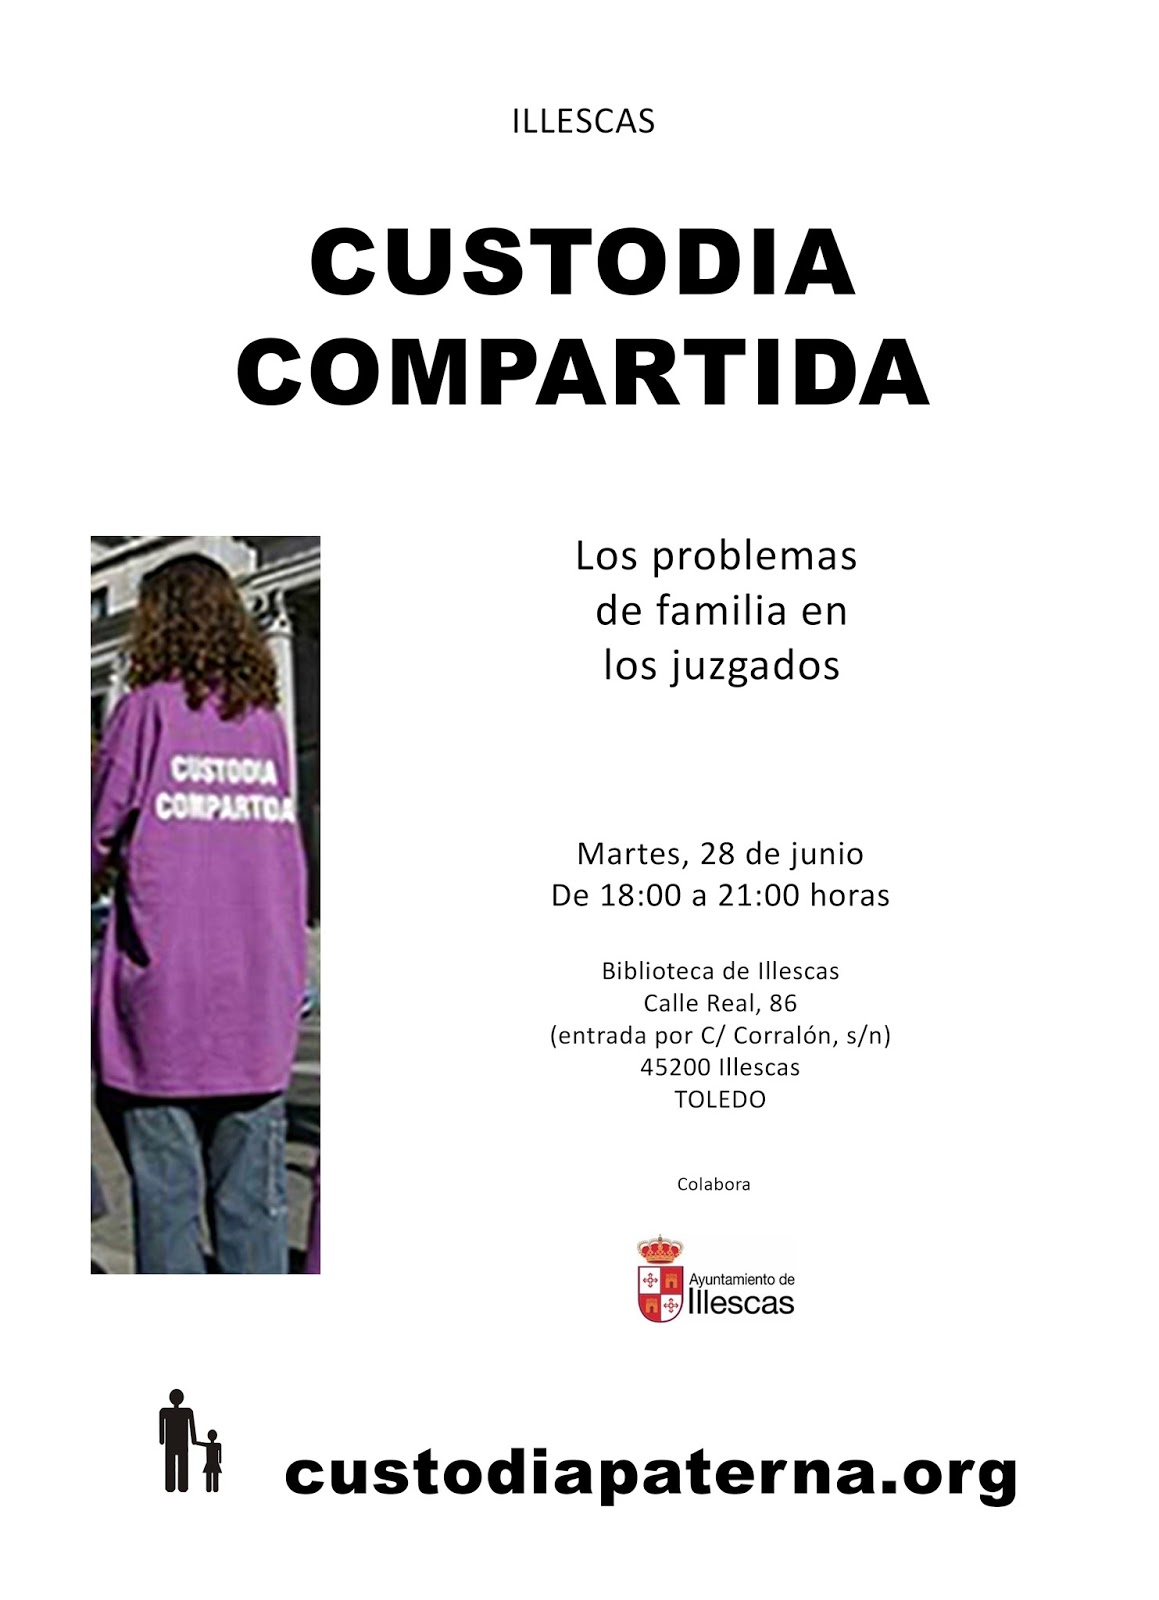 Primera jornada por los derechos de los menores a la custodia compartida en Illescas ILLESCAS-A3_converted